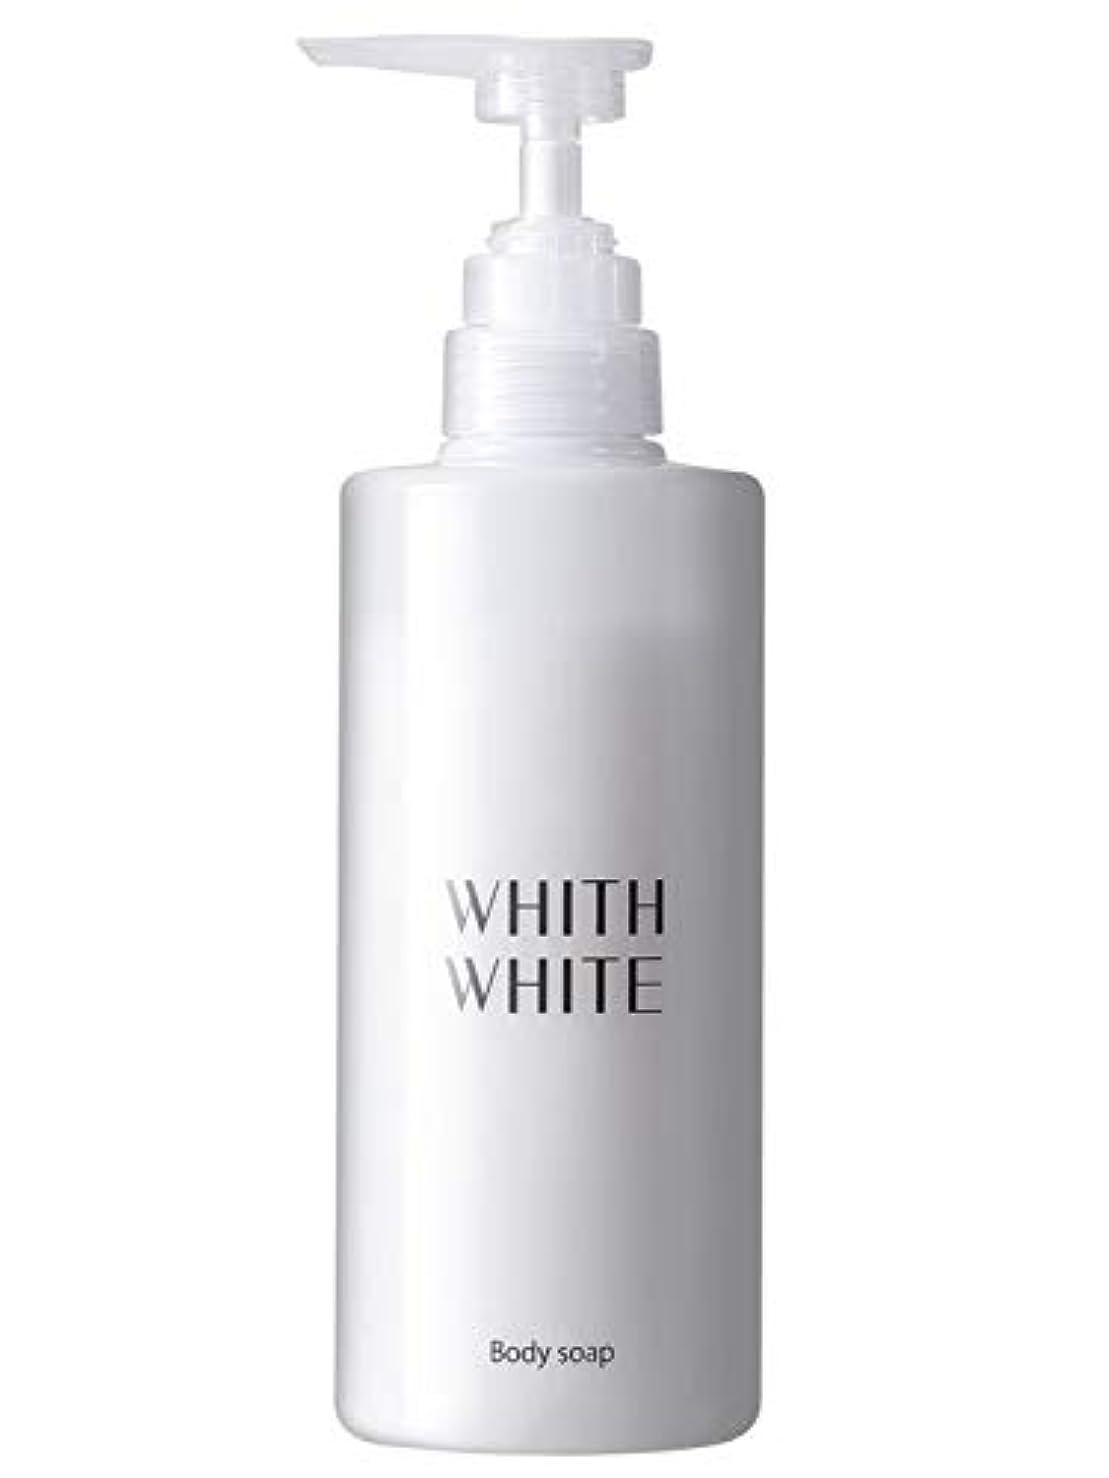 教師の日成果のため無添加 ボディソープ フィス ホワイト 【 エレガントフローラルのいい香り 】 保湿 ボディーソープ 「 泡で黒ずみ さっぱり ボディシャンプー 」「 ヒアルロン酸 コラーゲン セラミド 配合」450ml